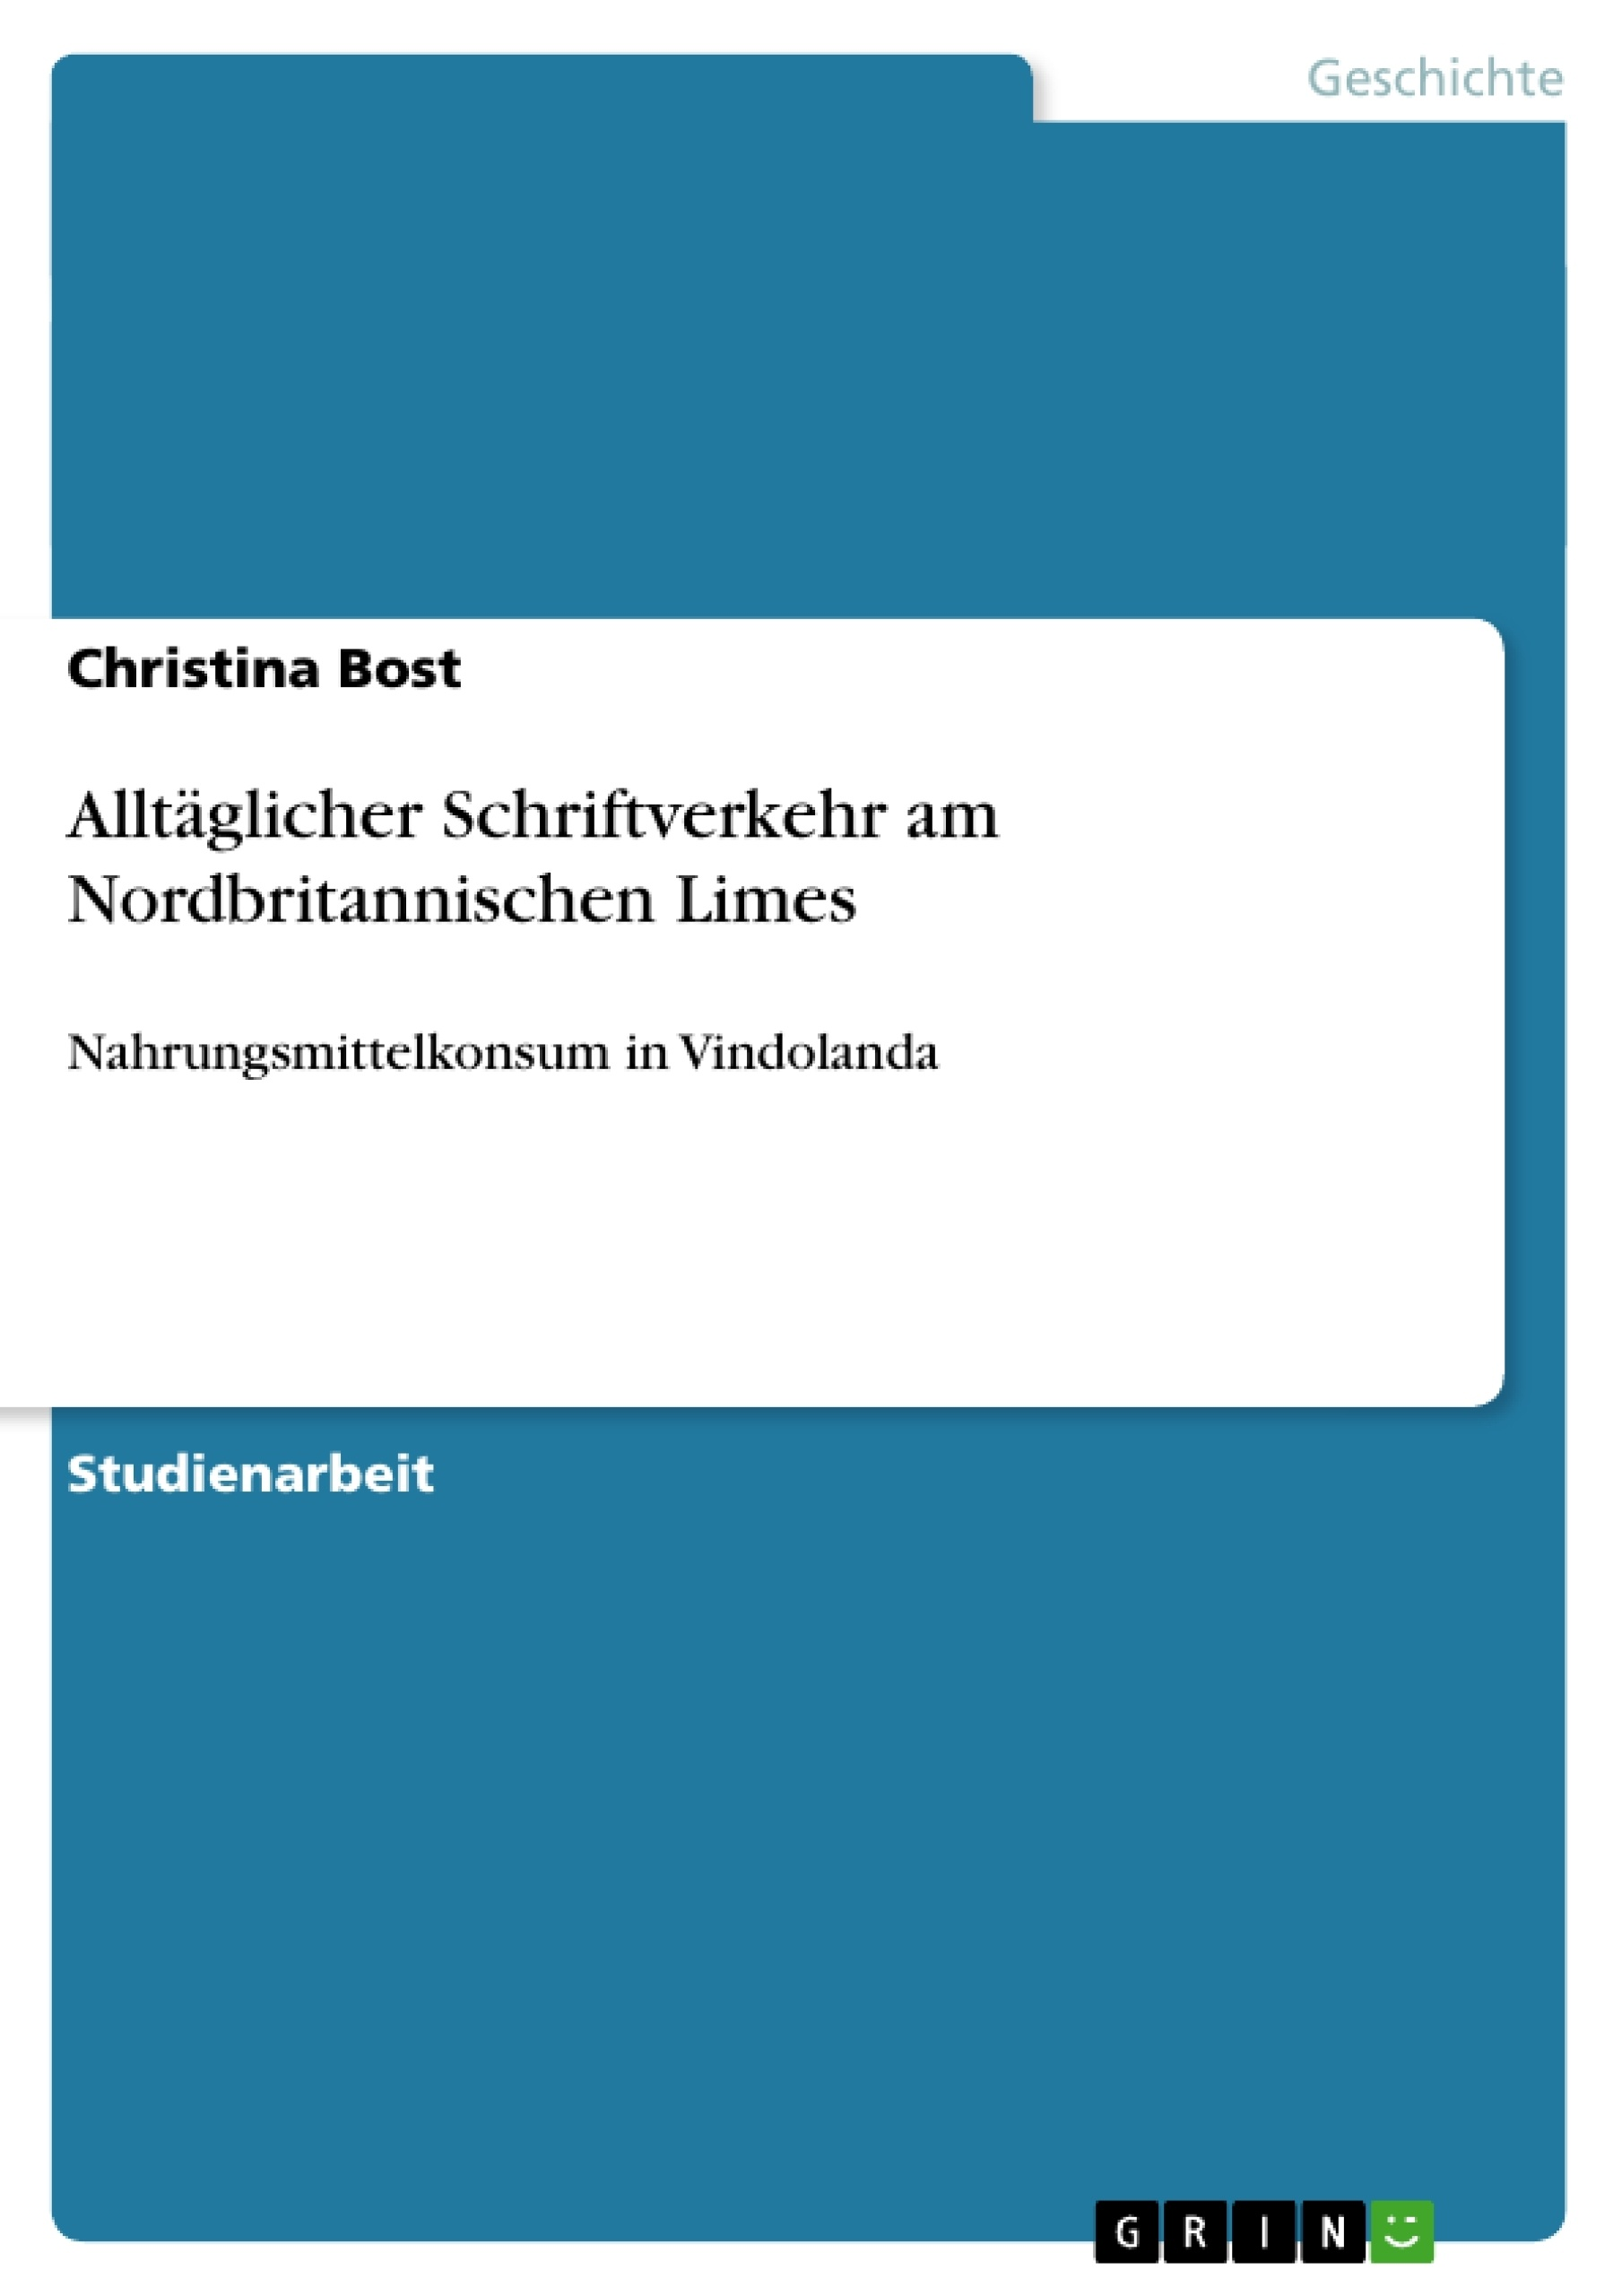 Titel: Alltäglicher Schriftverkehr am Nordbritannischen Limes